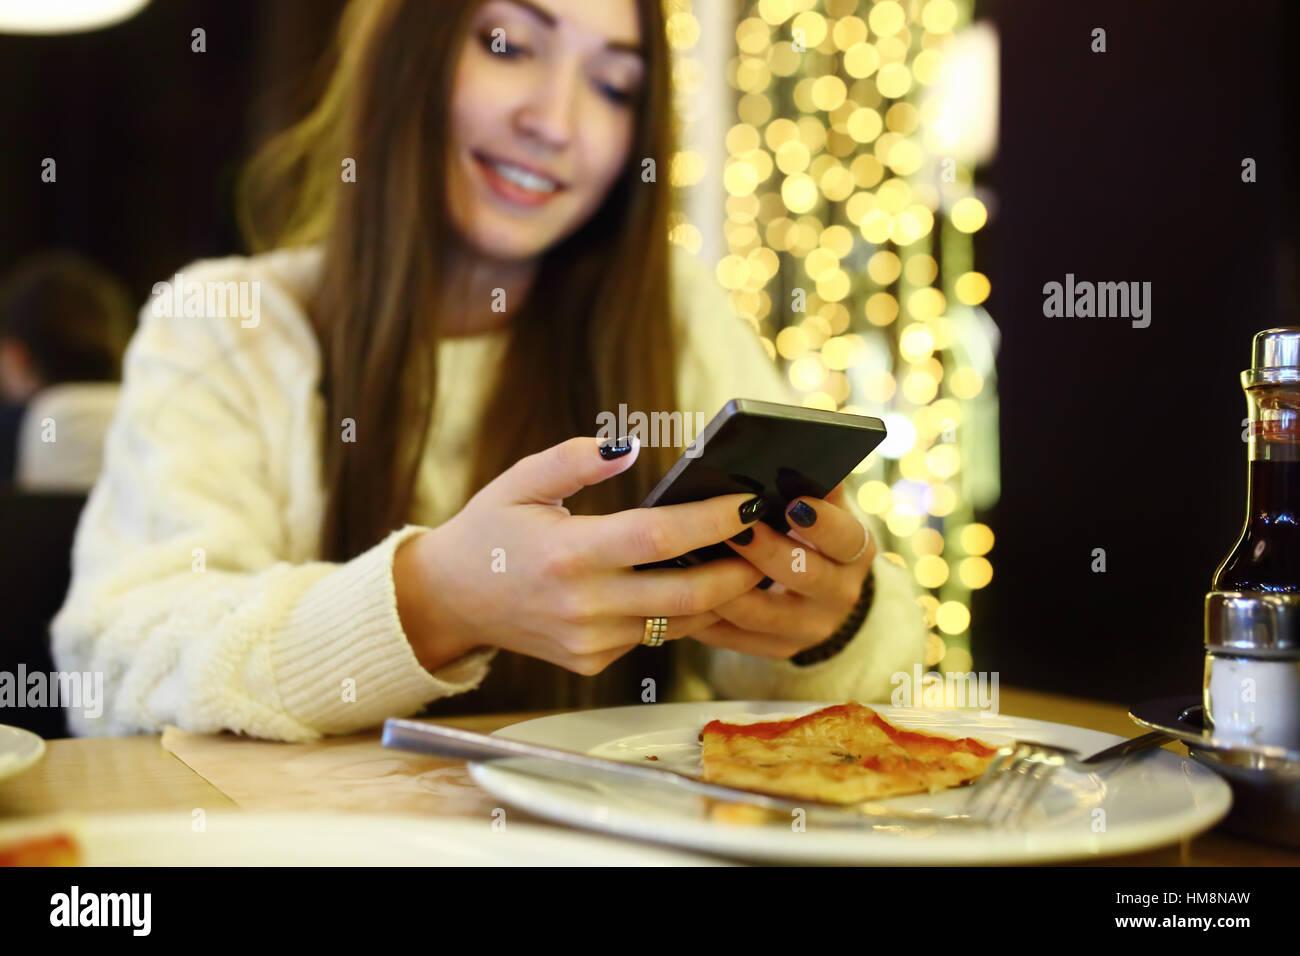 Mujer escribiendo Escribir mensaje en el teléfono inteligente en una moderna cafetería. Imagen recortada Imagen De Stock